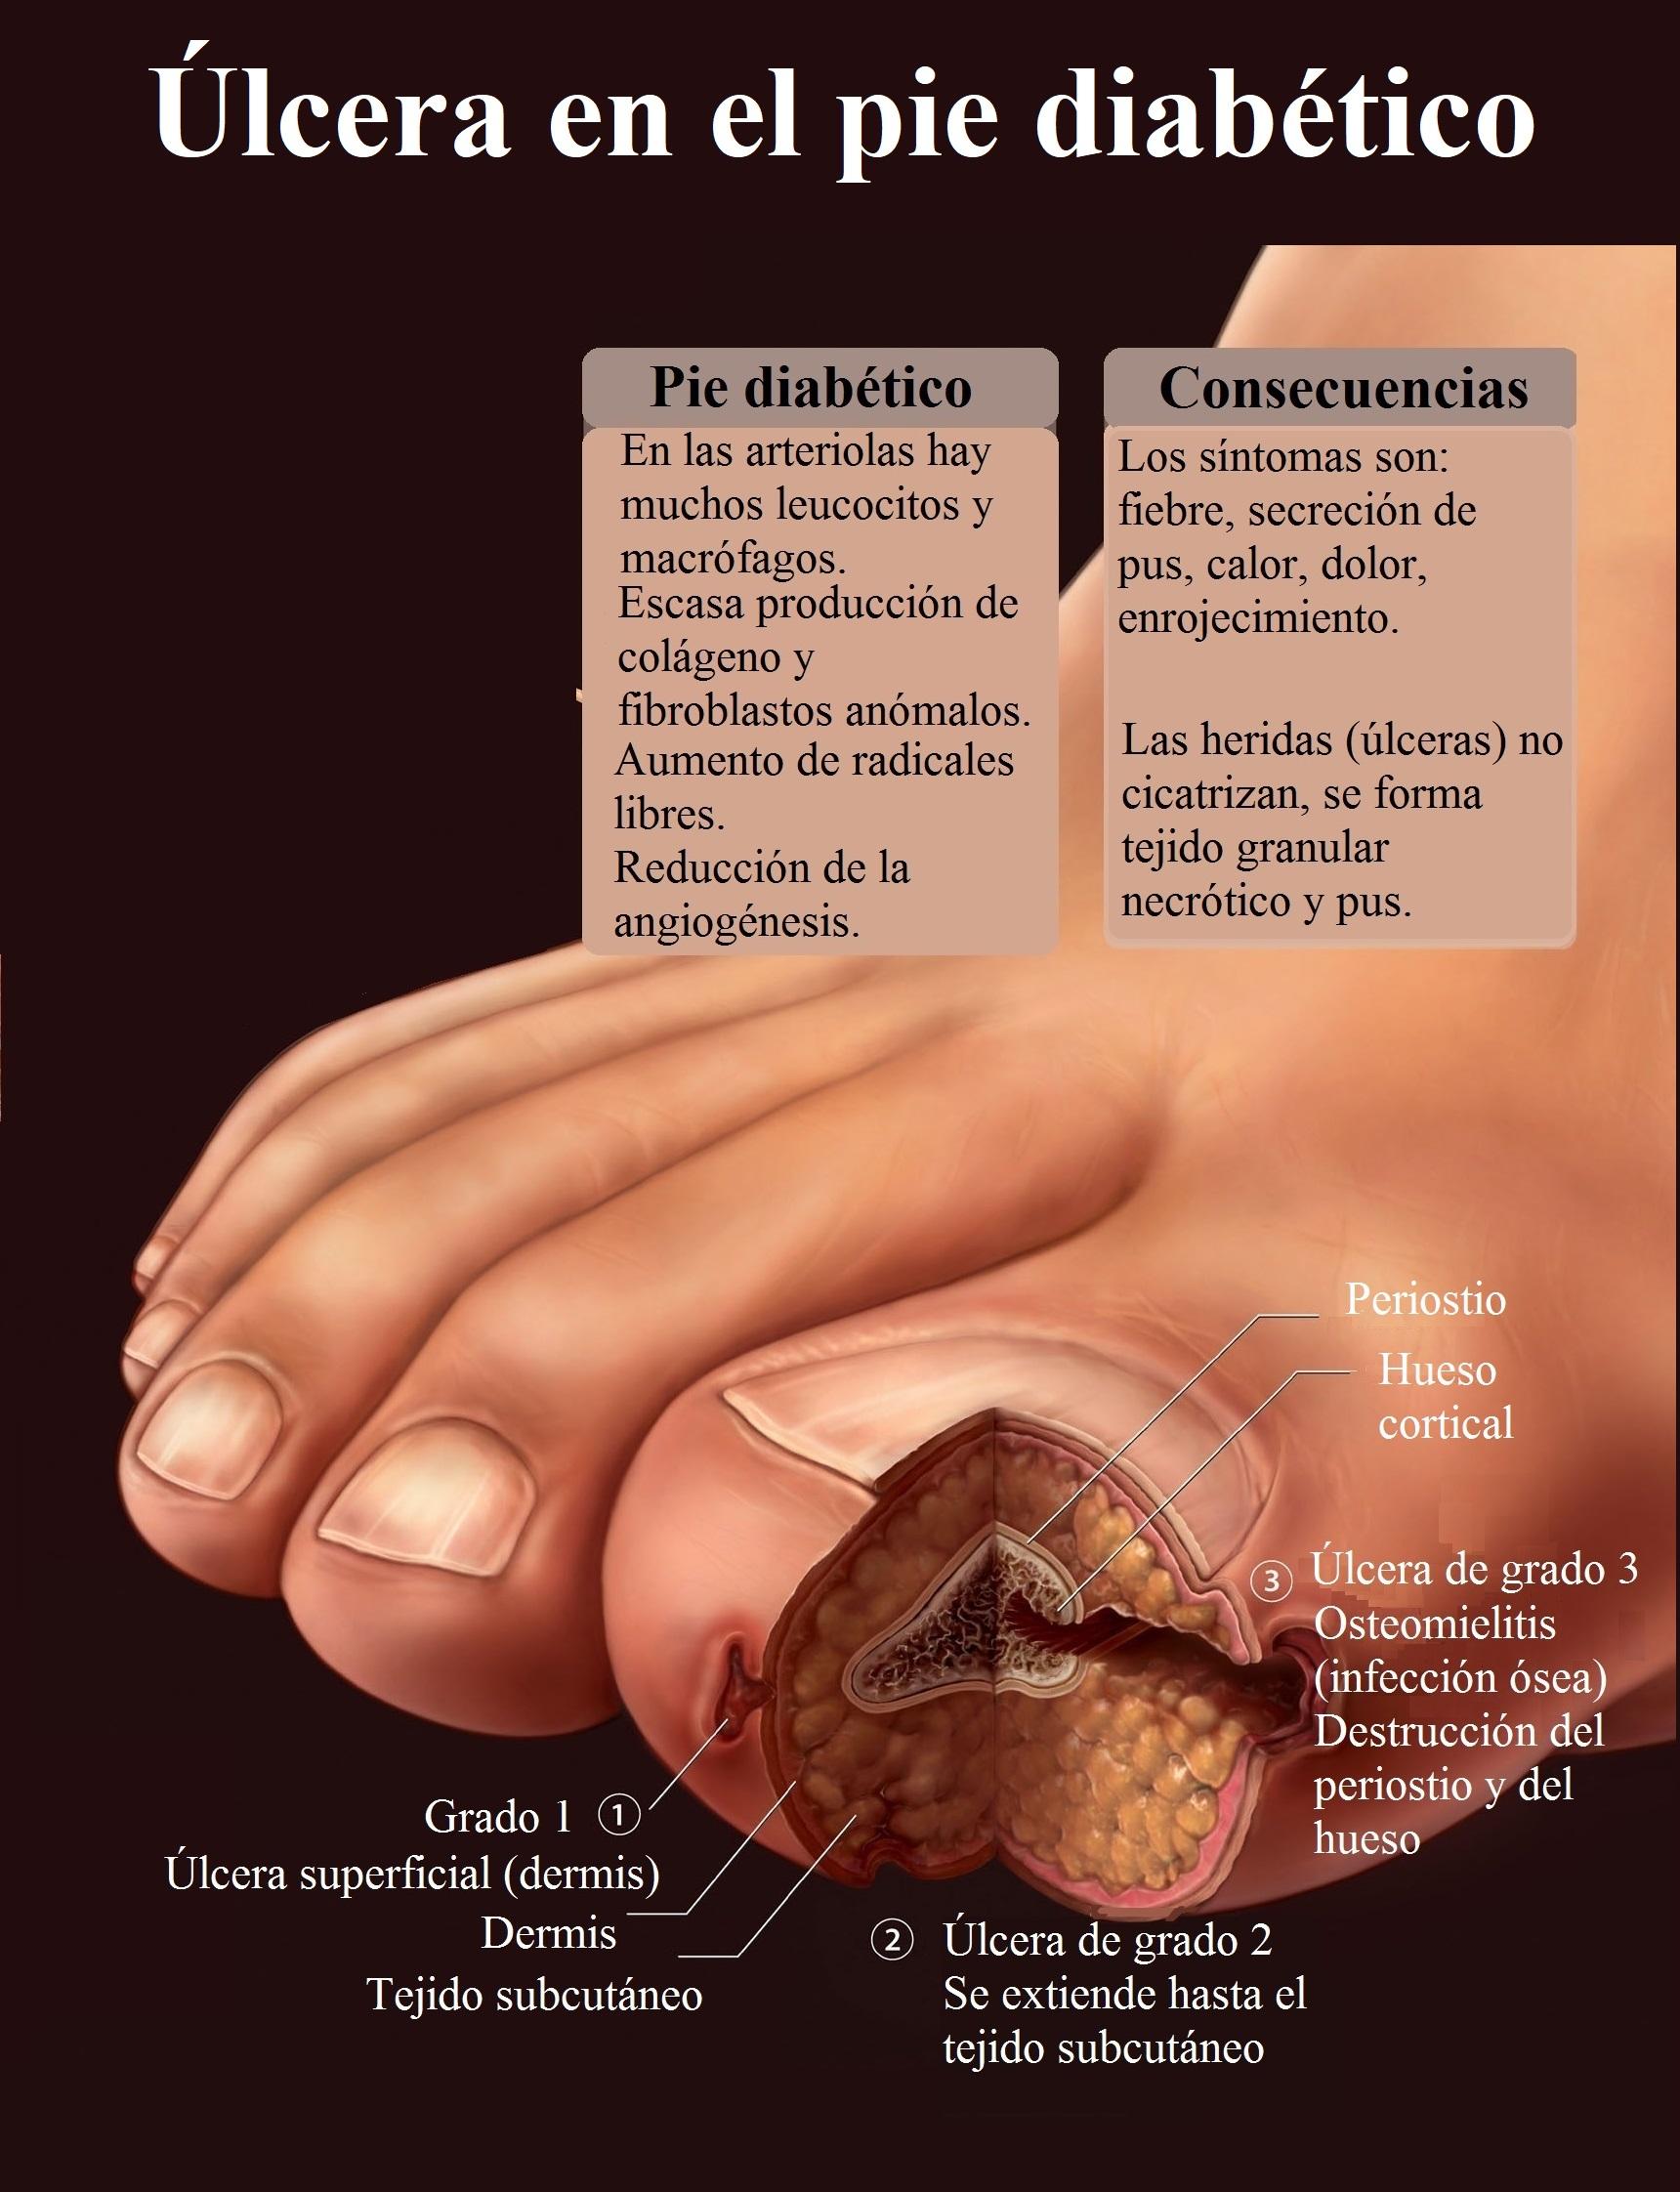 úlcera, pie diabético, sección